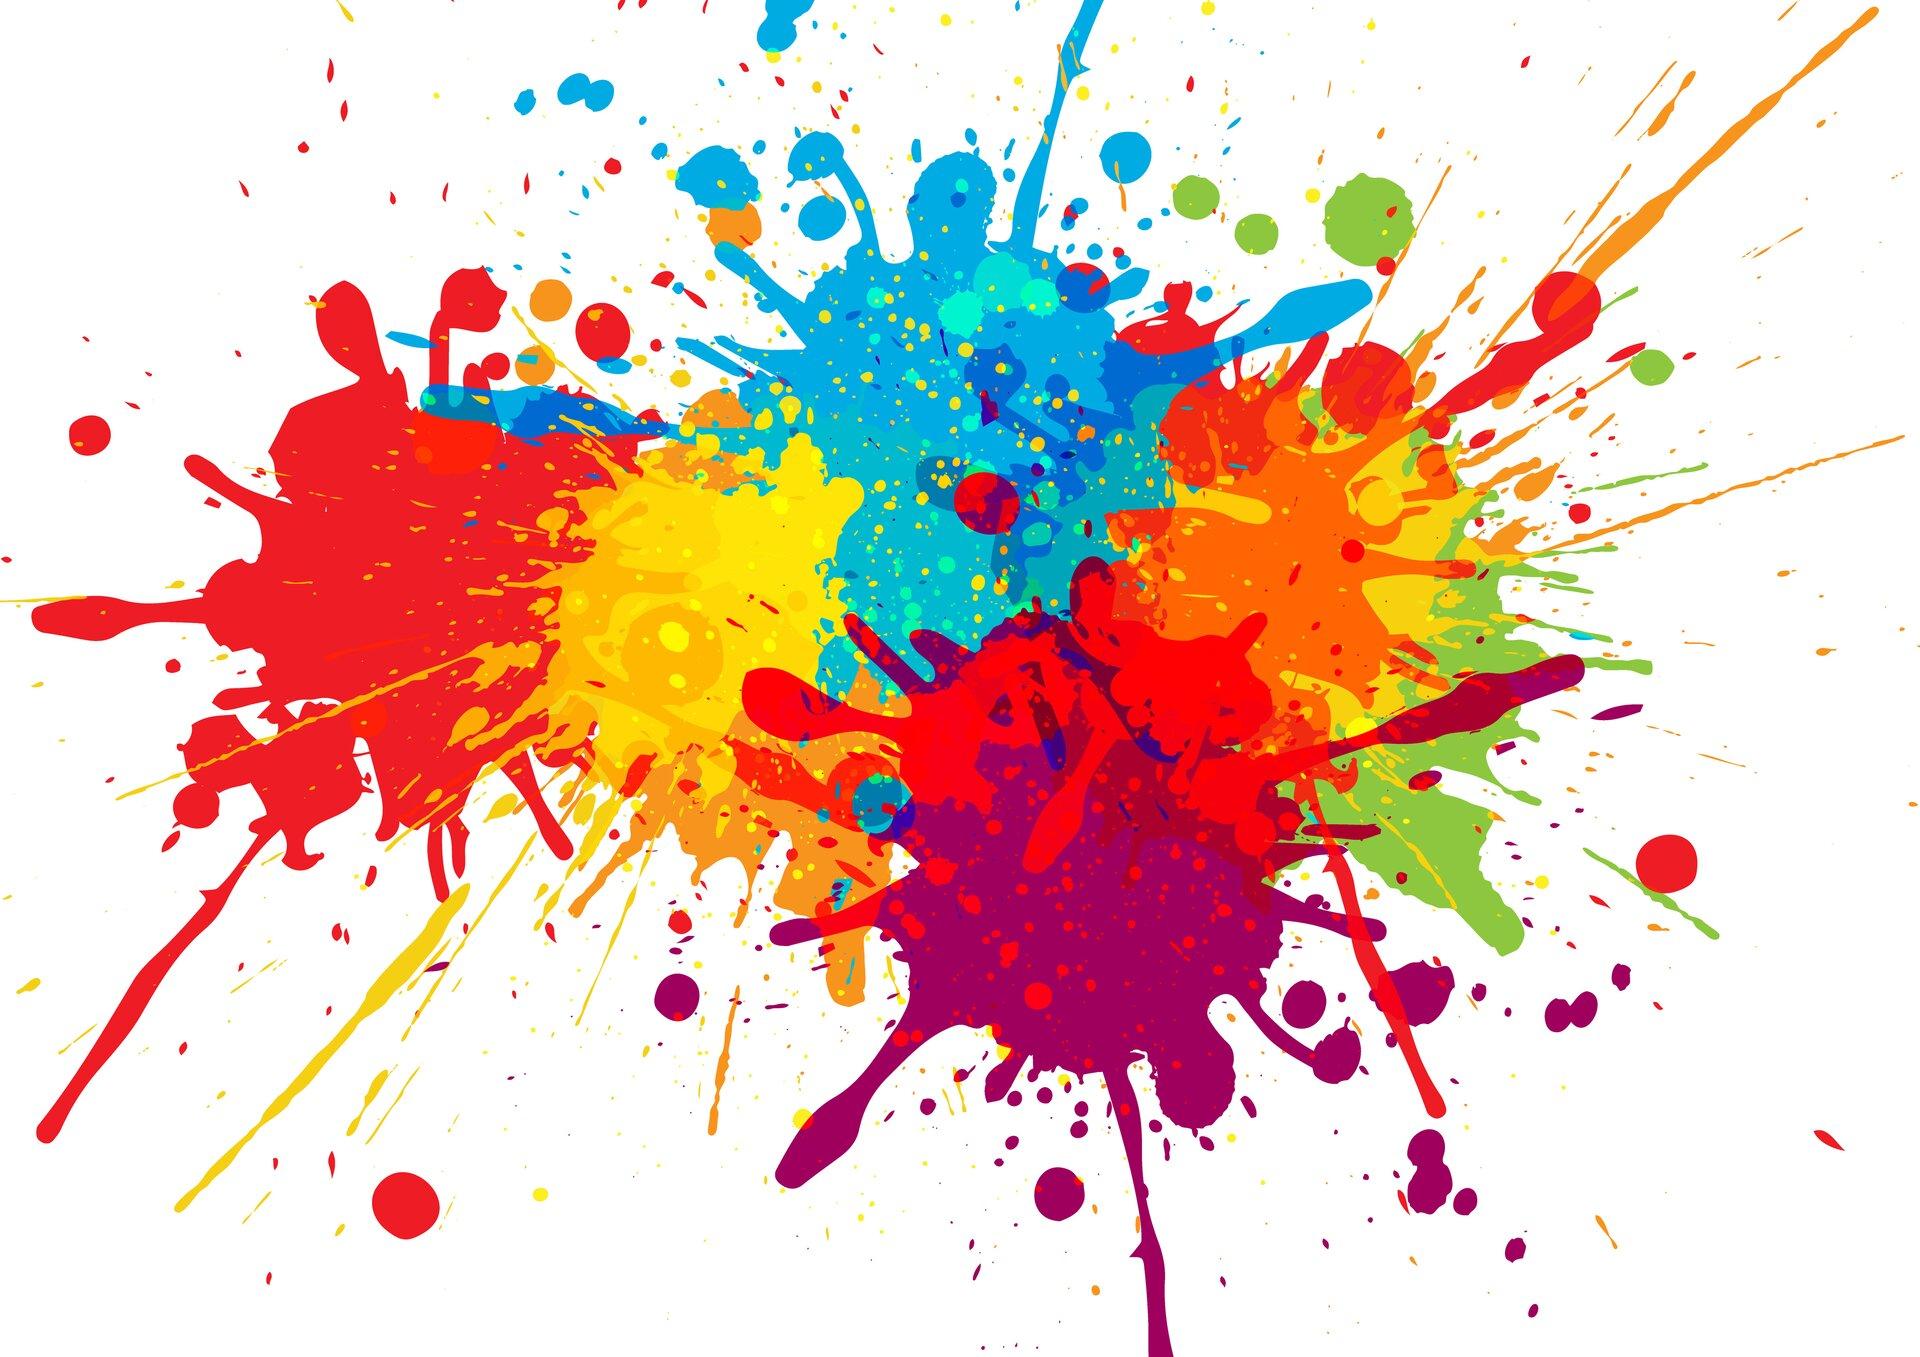 Ilustracja przedstawia kolorowe plamy. Charakteryzują się one intensywną iwyrazistą kolorystyką. Na fotografii przeważa kolor czerwony, pomarańczowy, fioletowy oraz niebieski.